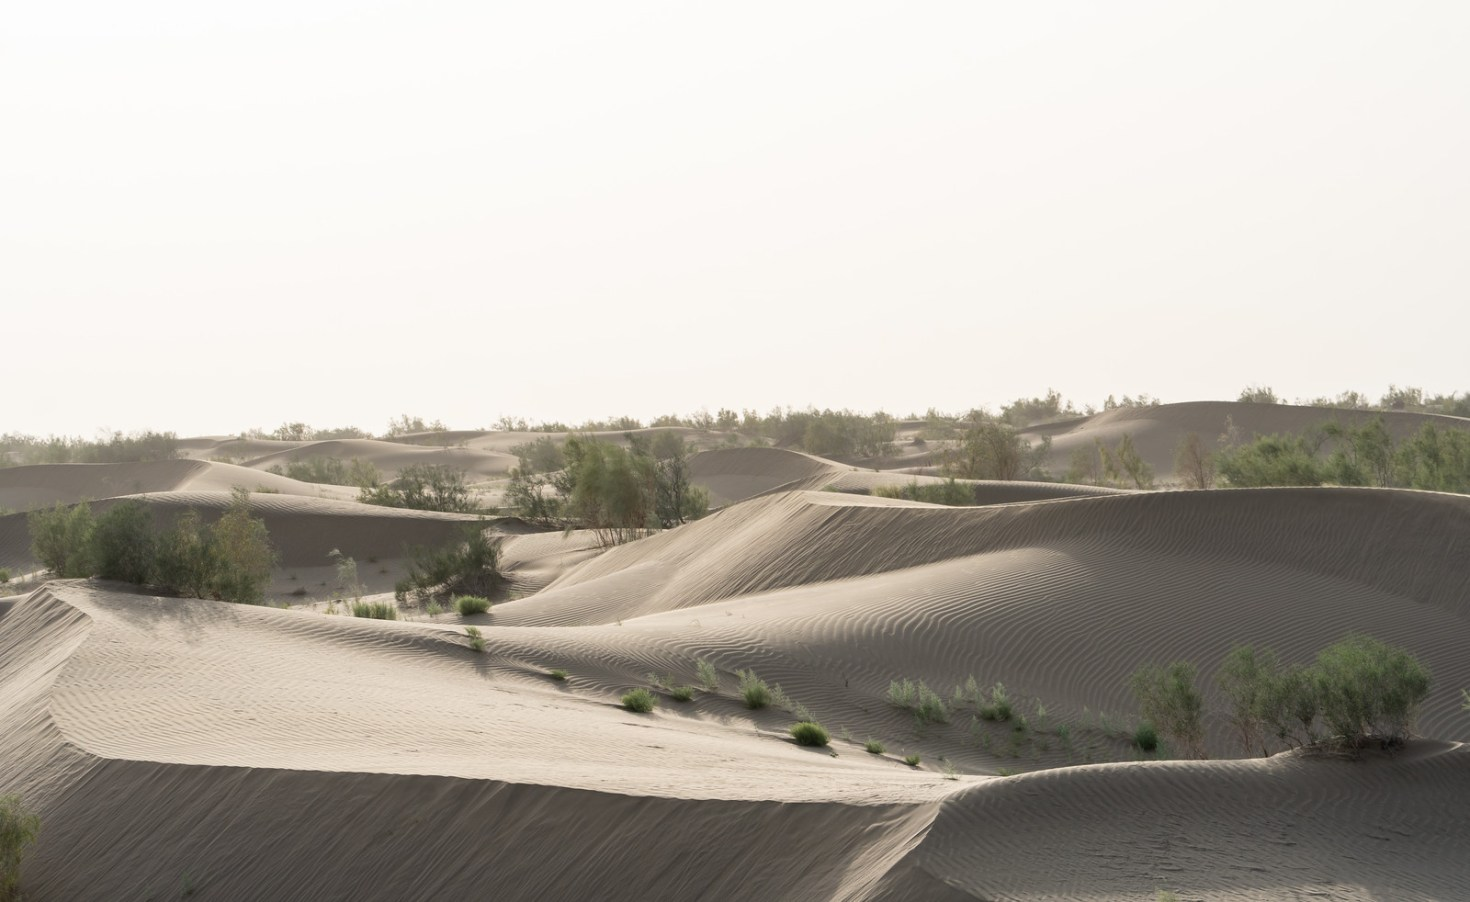 Sanddunes in the Karakum